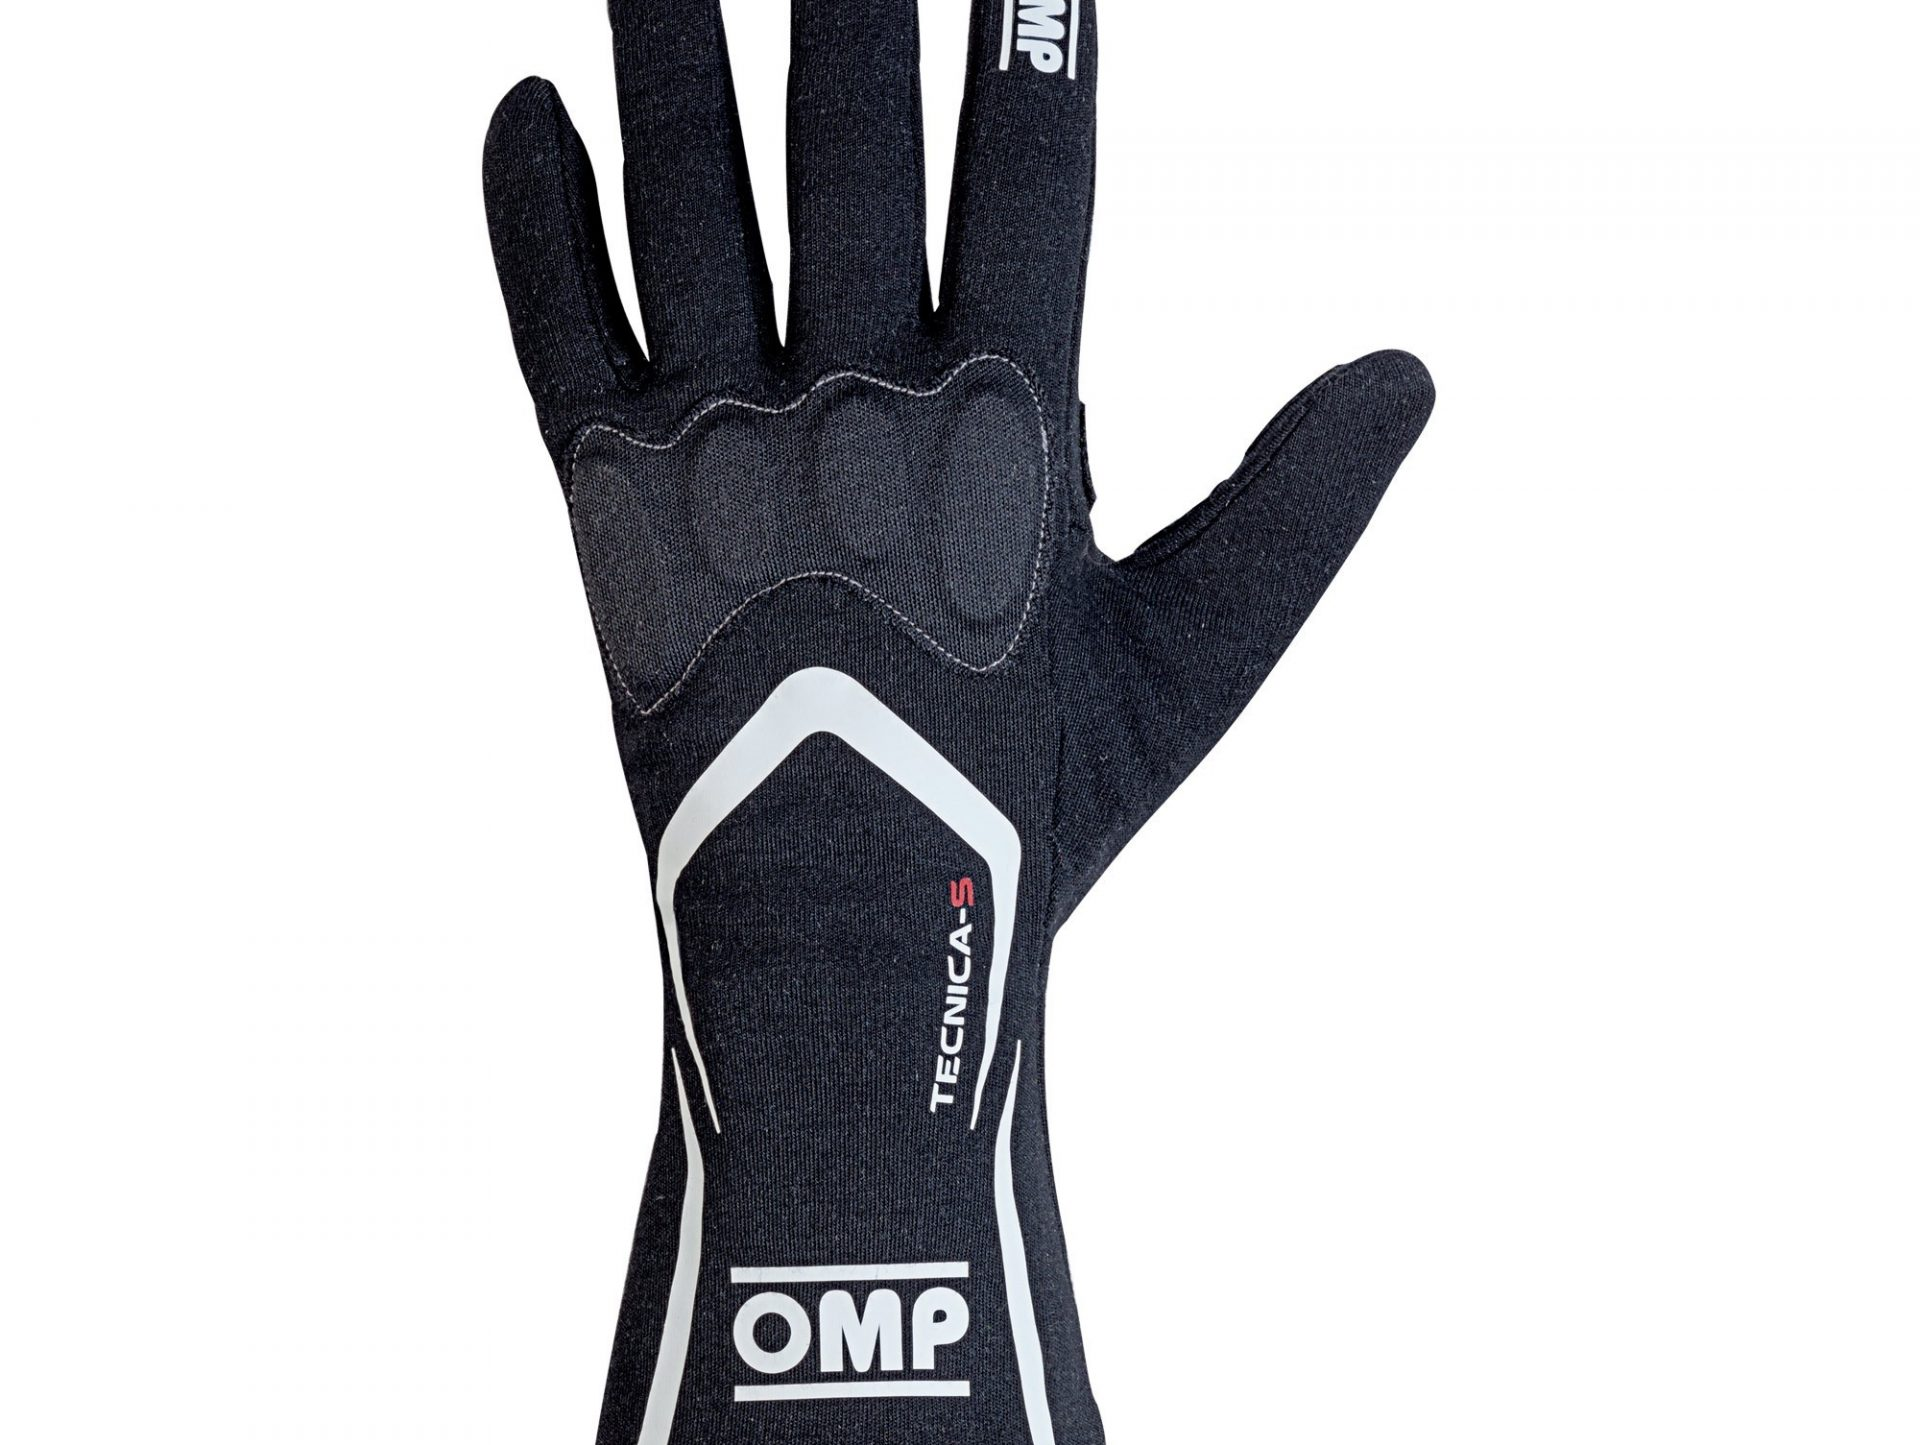 Нов продукт: OMP Tecnica-S, FIA Gloves